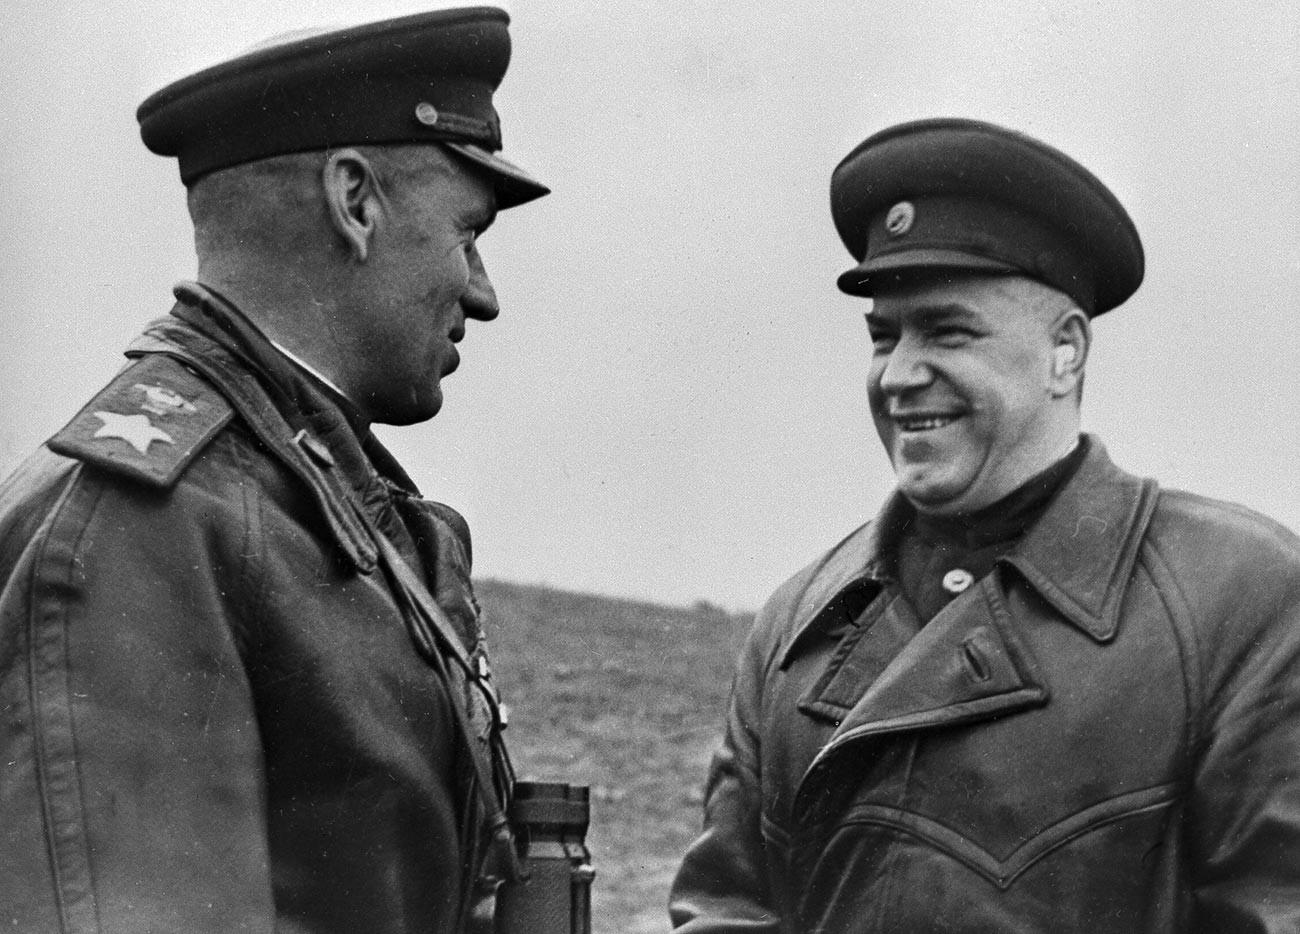 Командант Првог белоруског фронта маршал Совјетског Савеза Константин Рокосовски (лево) и представник главног штаба маршал Совјетског Савеза Георгиј Жуков у Пољској.